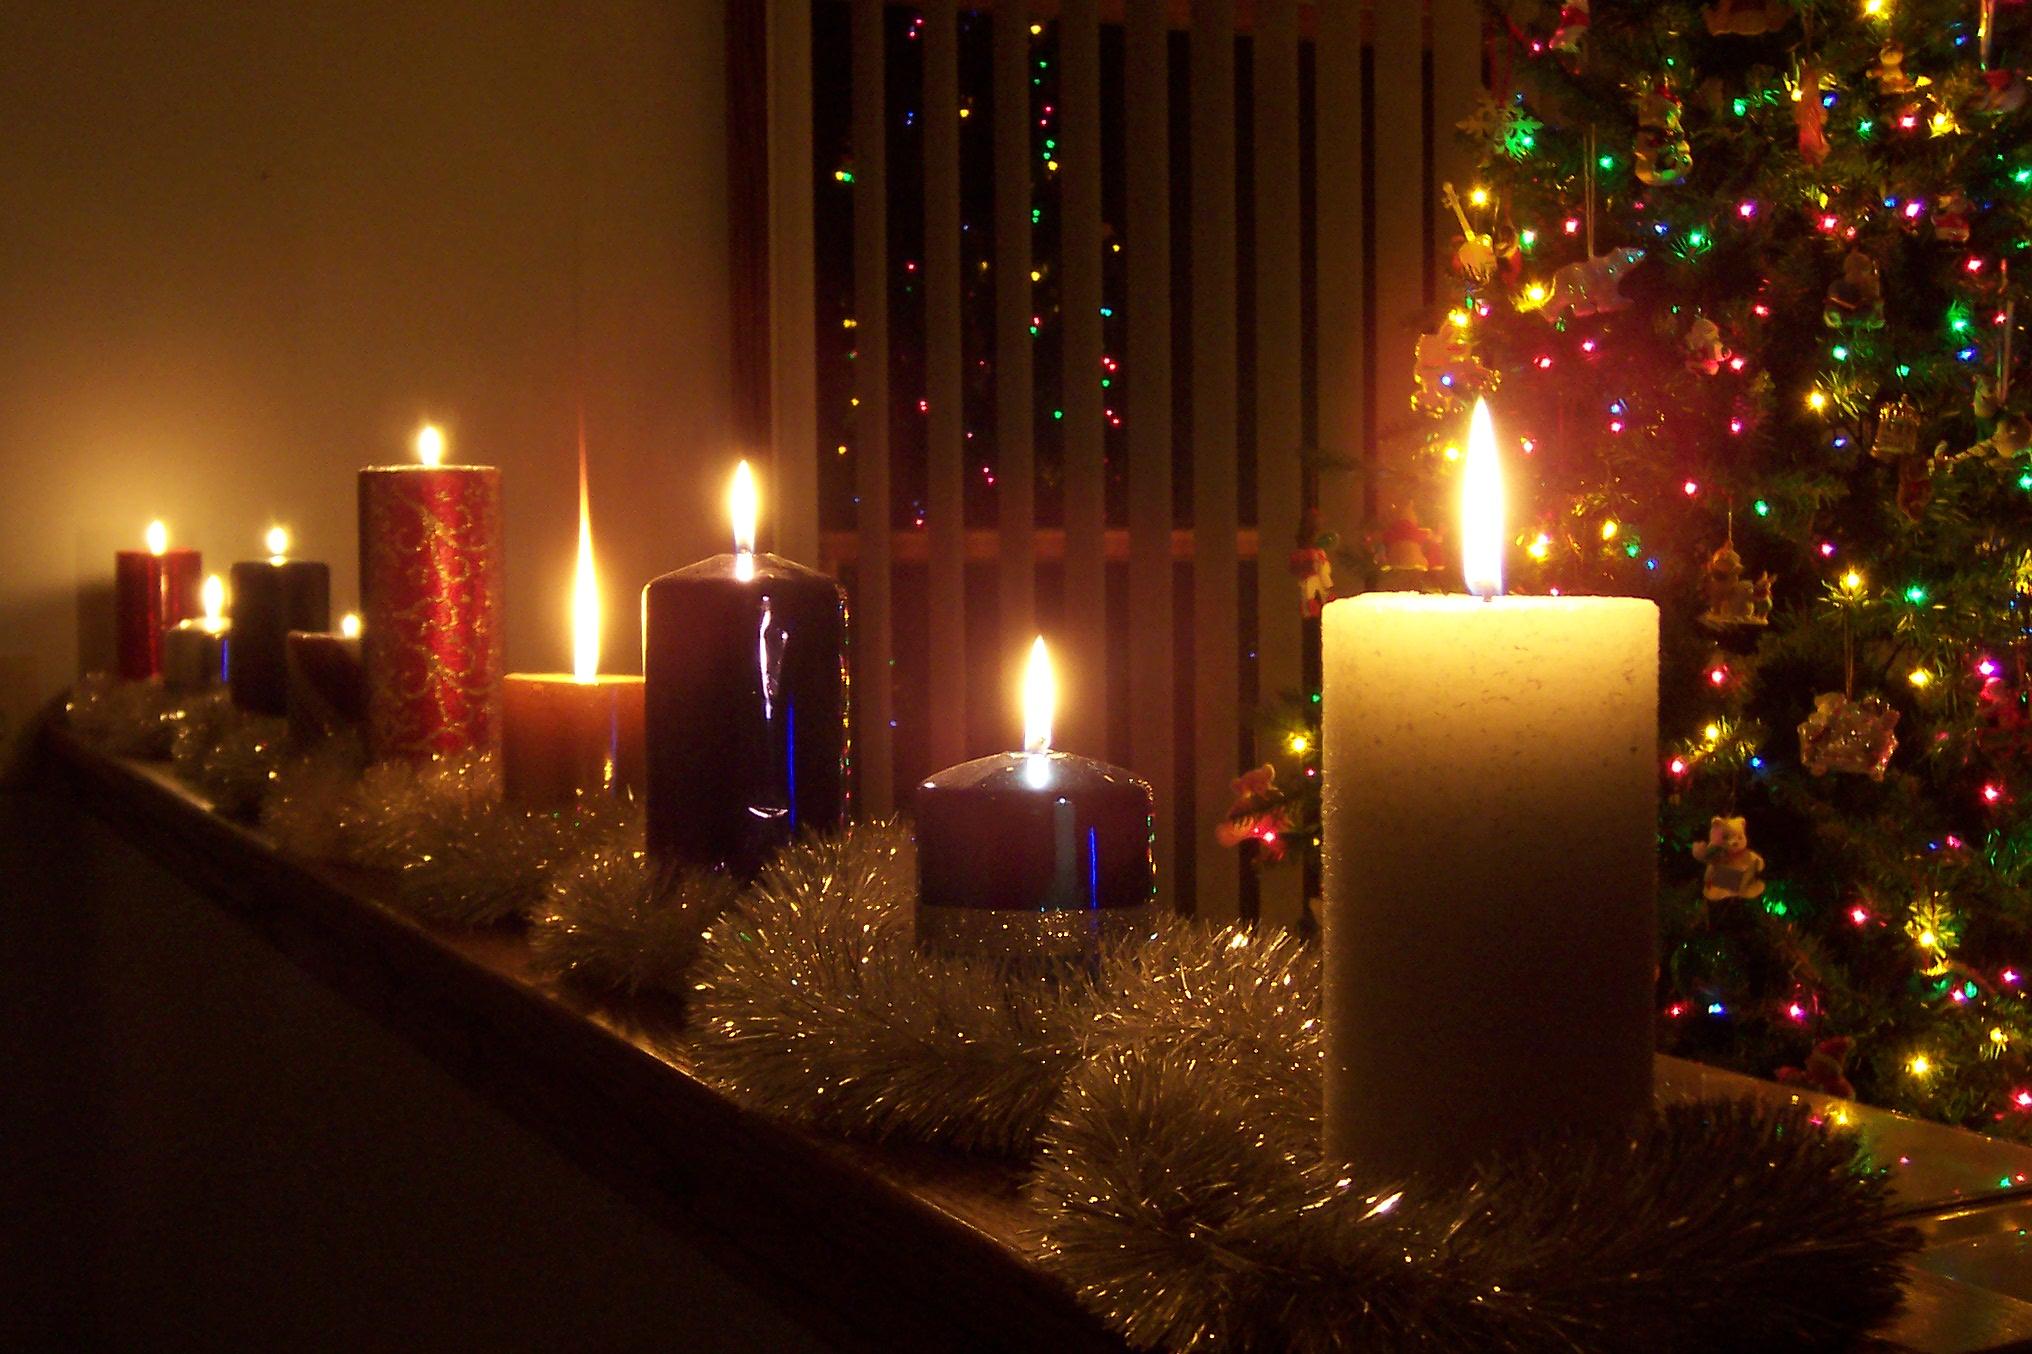 нововведений фото елка новогодняя со свечами выглядят настолько реалистично